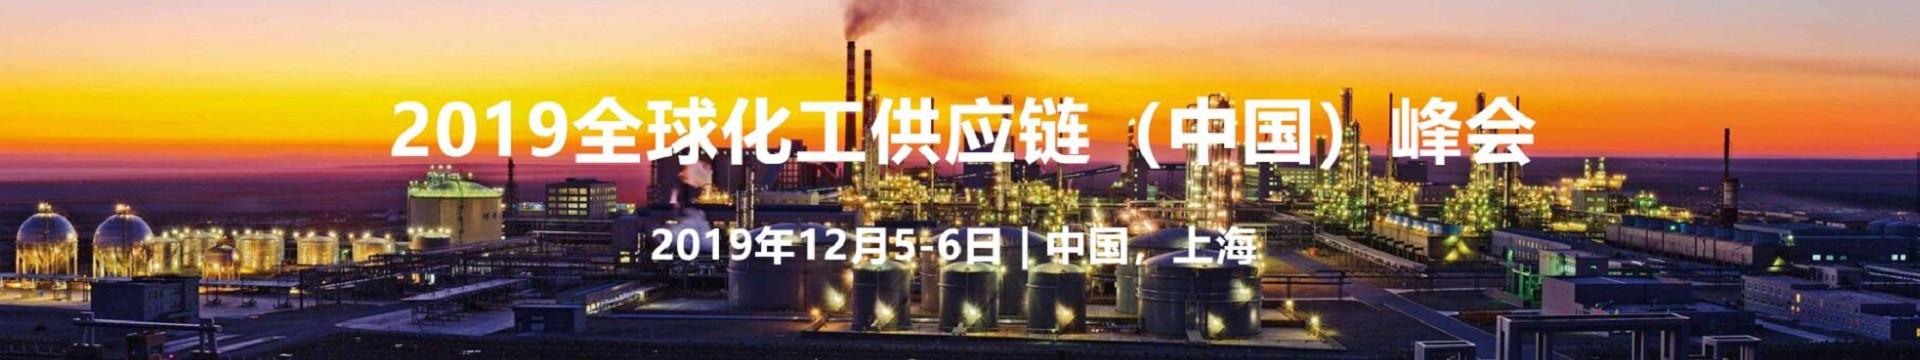 2019全球化工供应链(中国)峰会